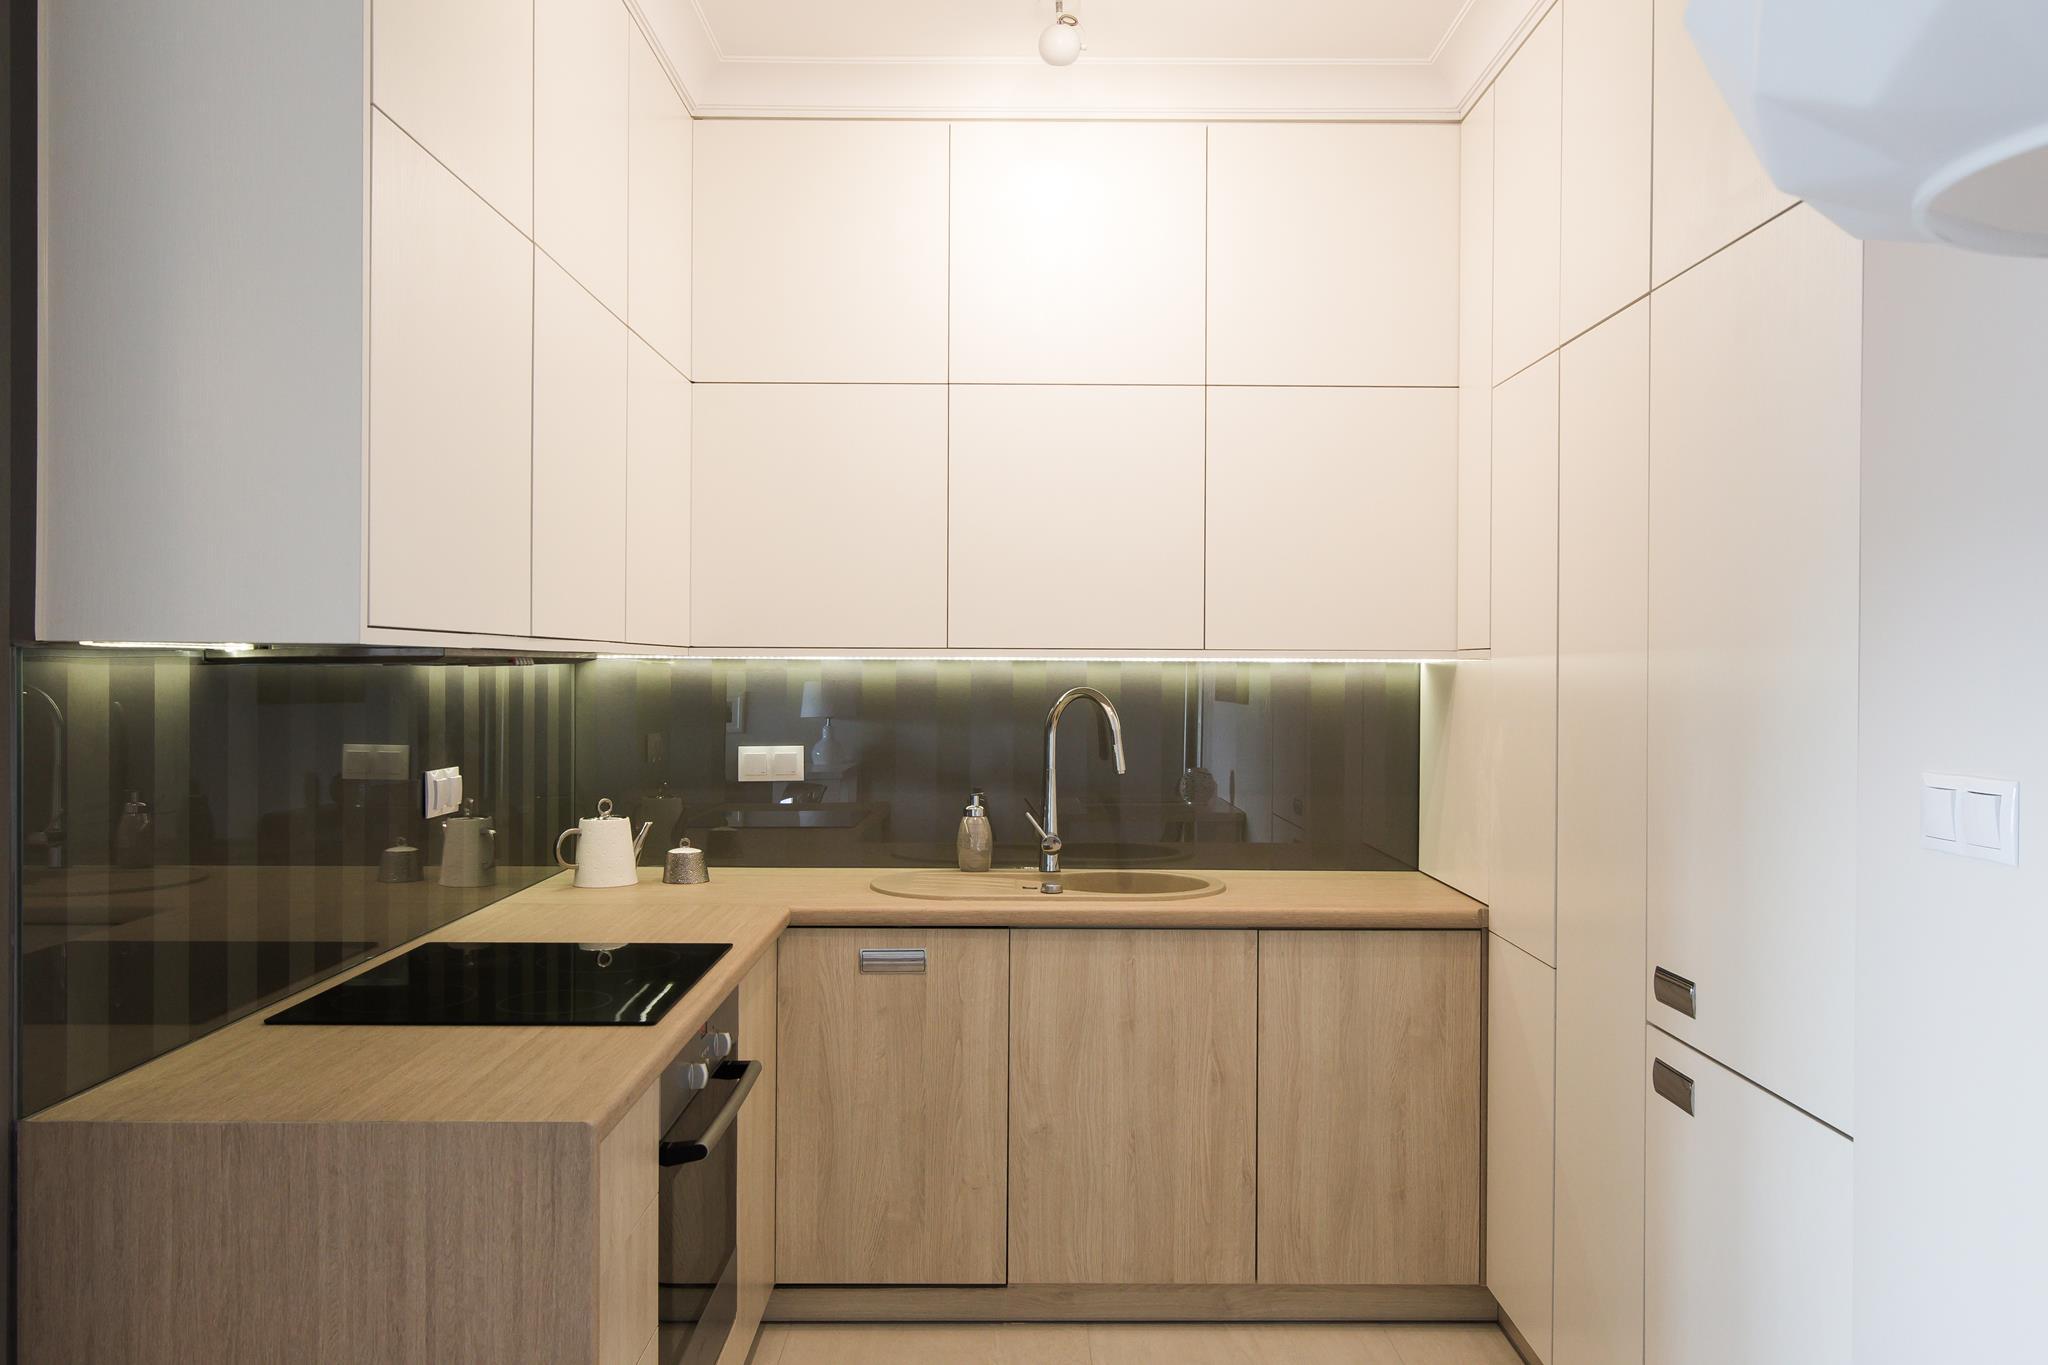 funkcjonalna kuchnia porady architekta (1)